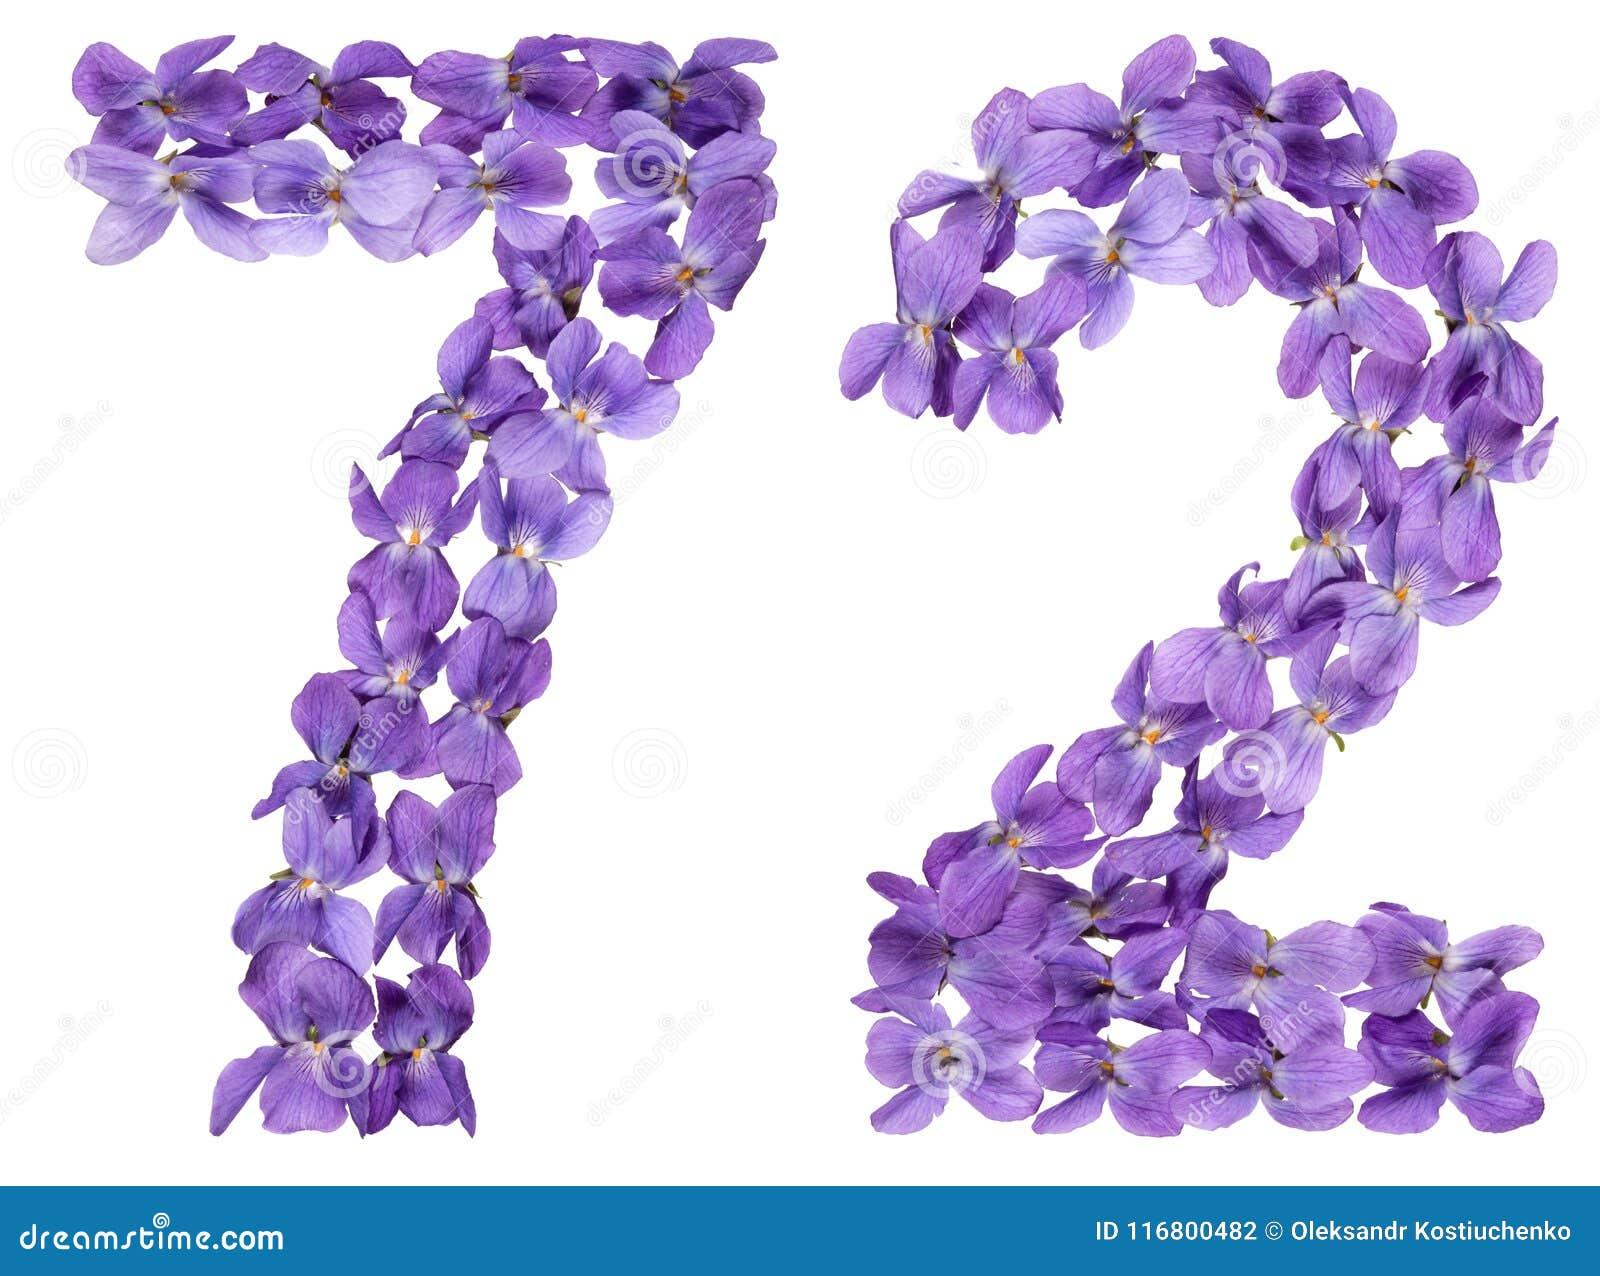 Numero arabo 72, settantadue, dai fiori della viola, isolati